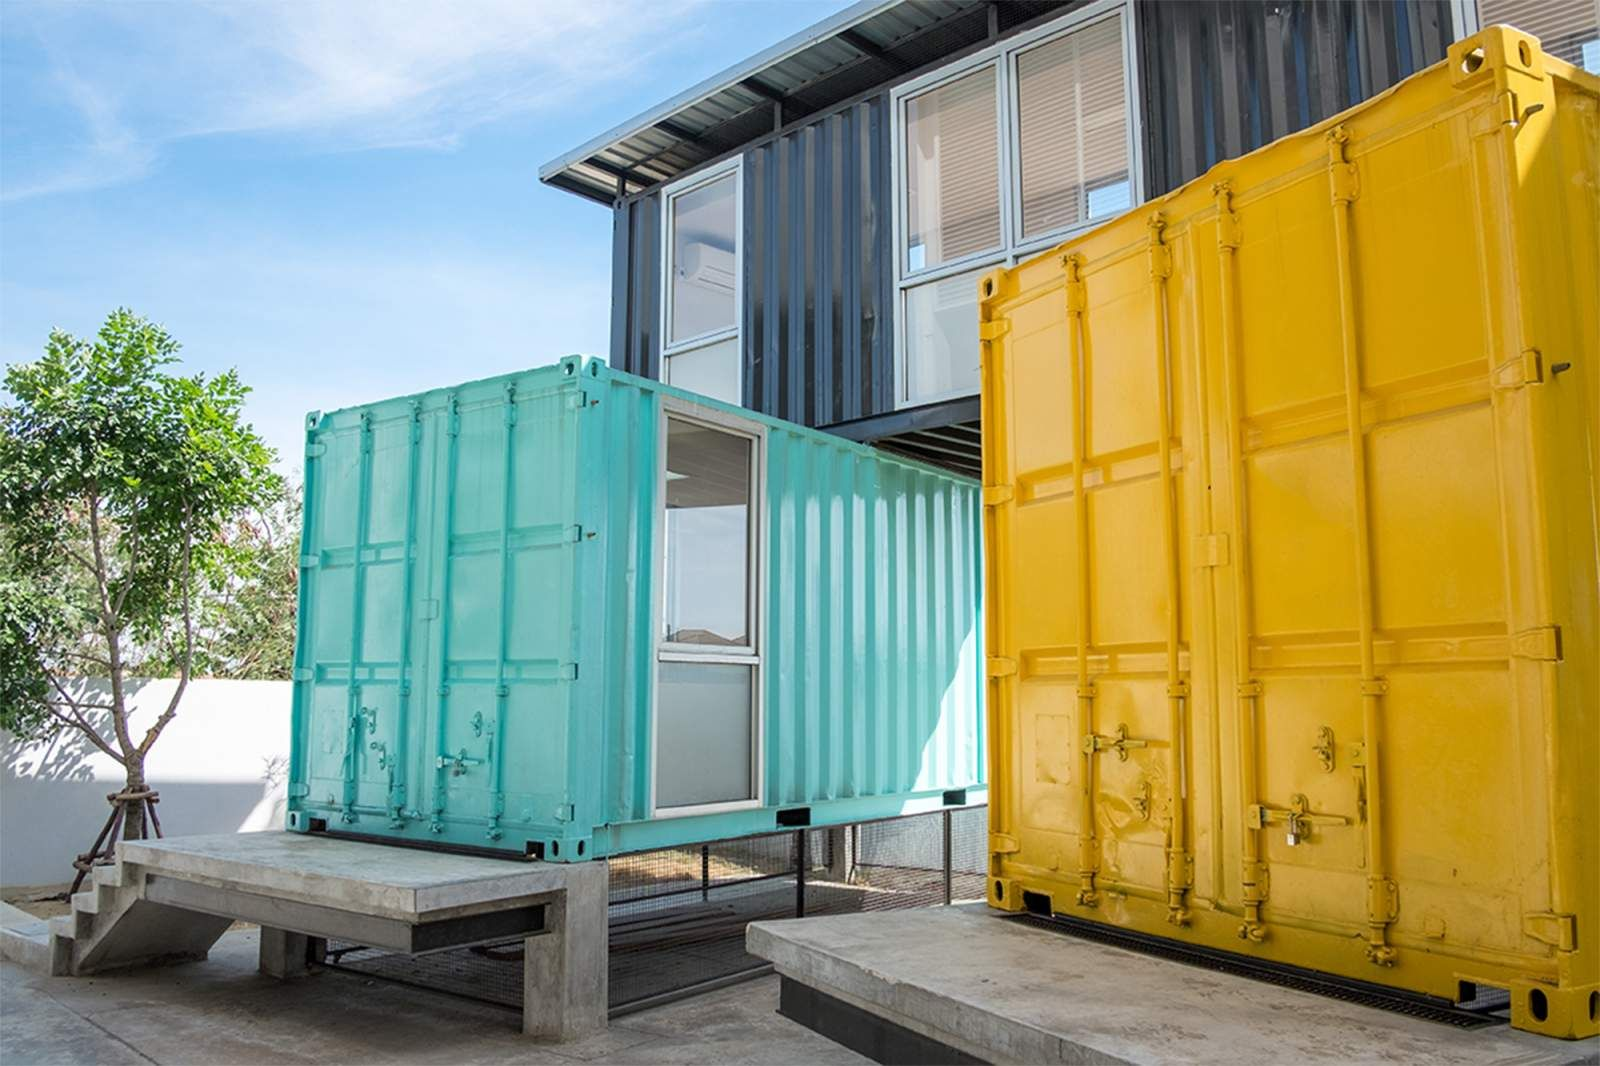 Cout maison container - Prix maison en container ...